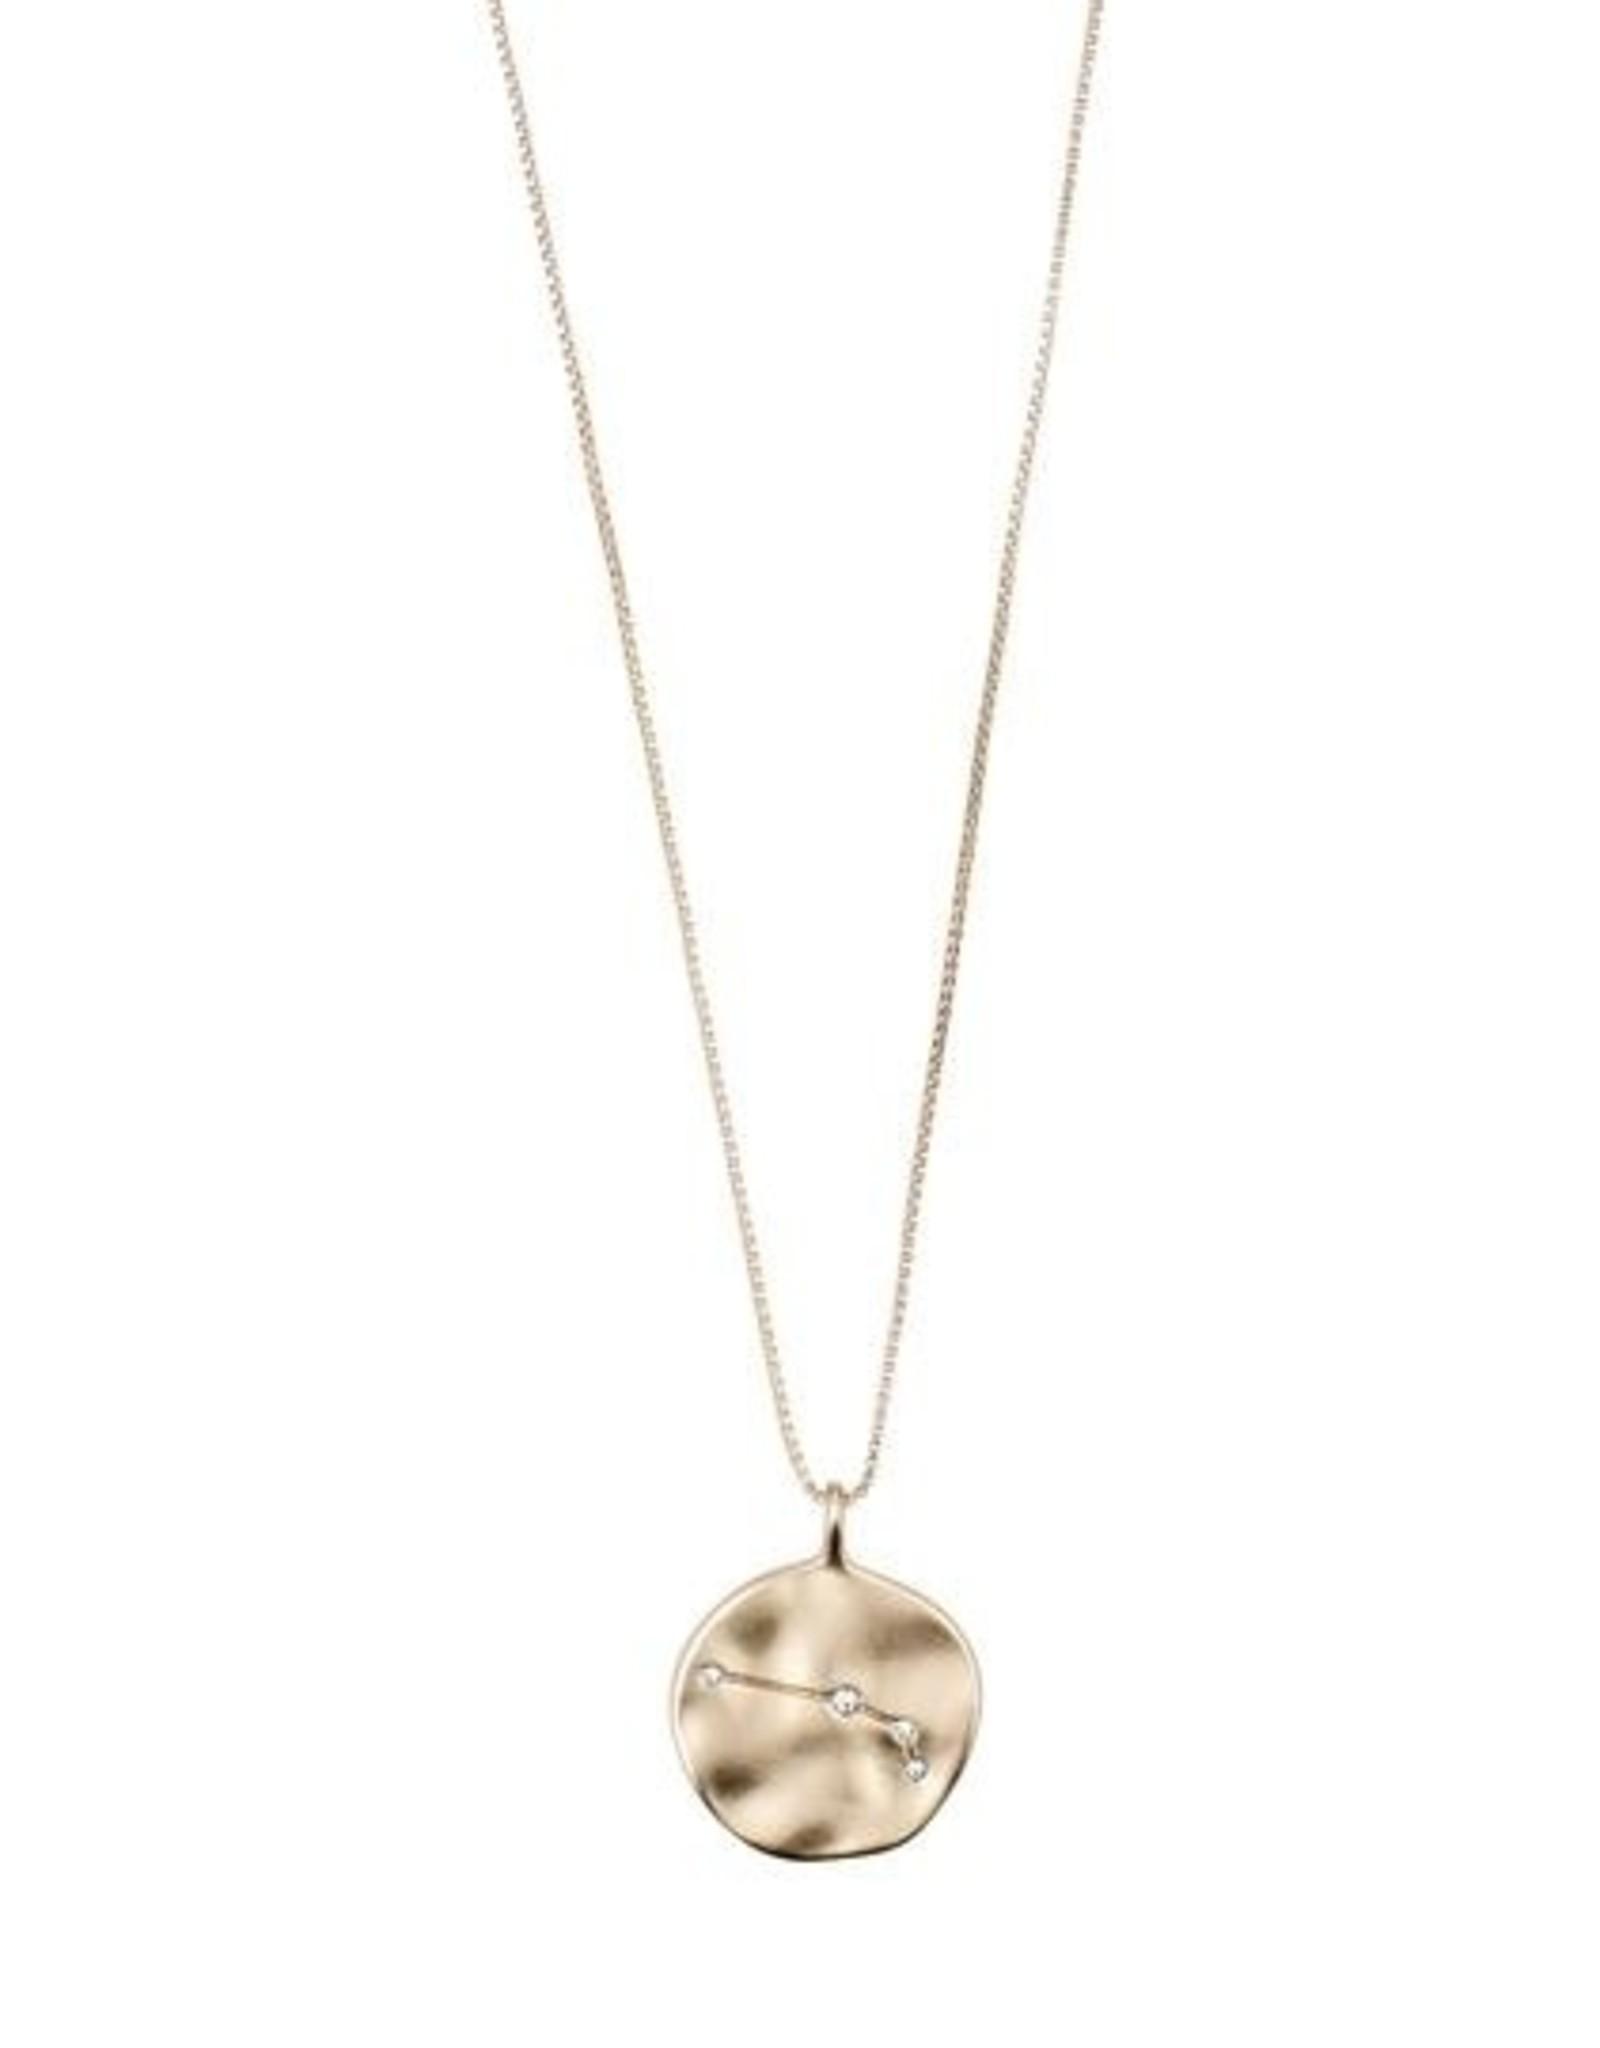 Pilgrim Astrological Necklace - Gold